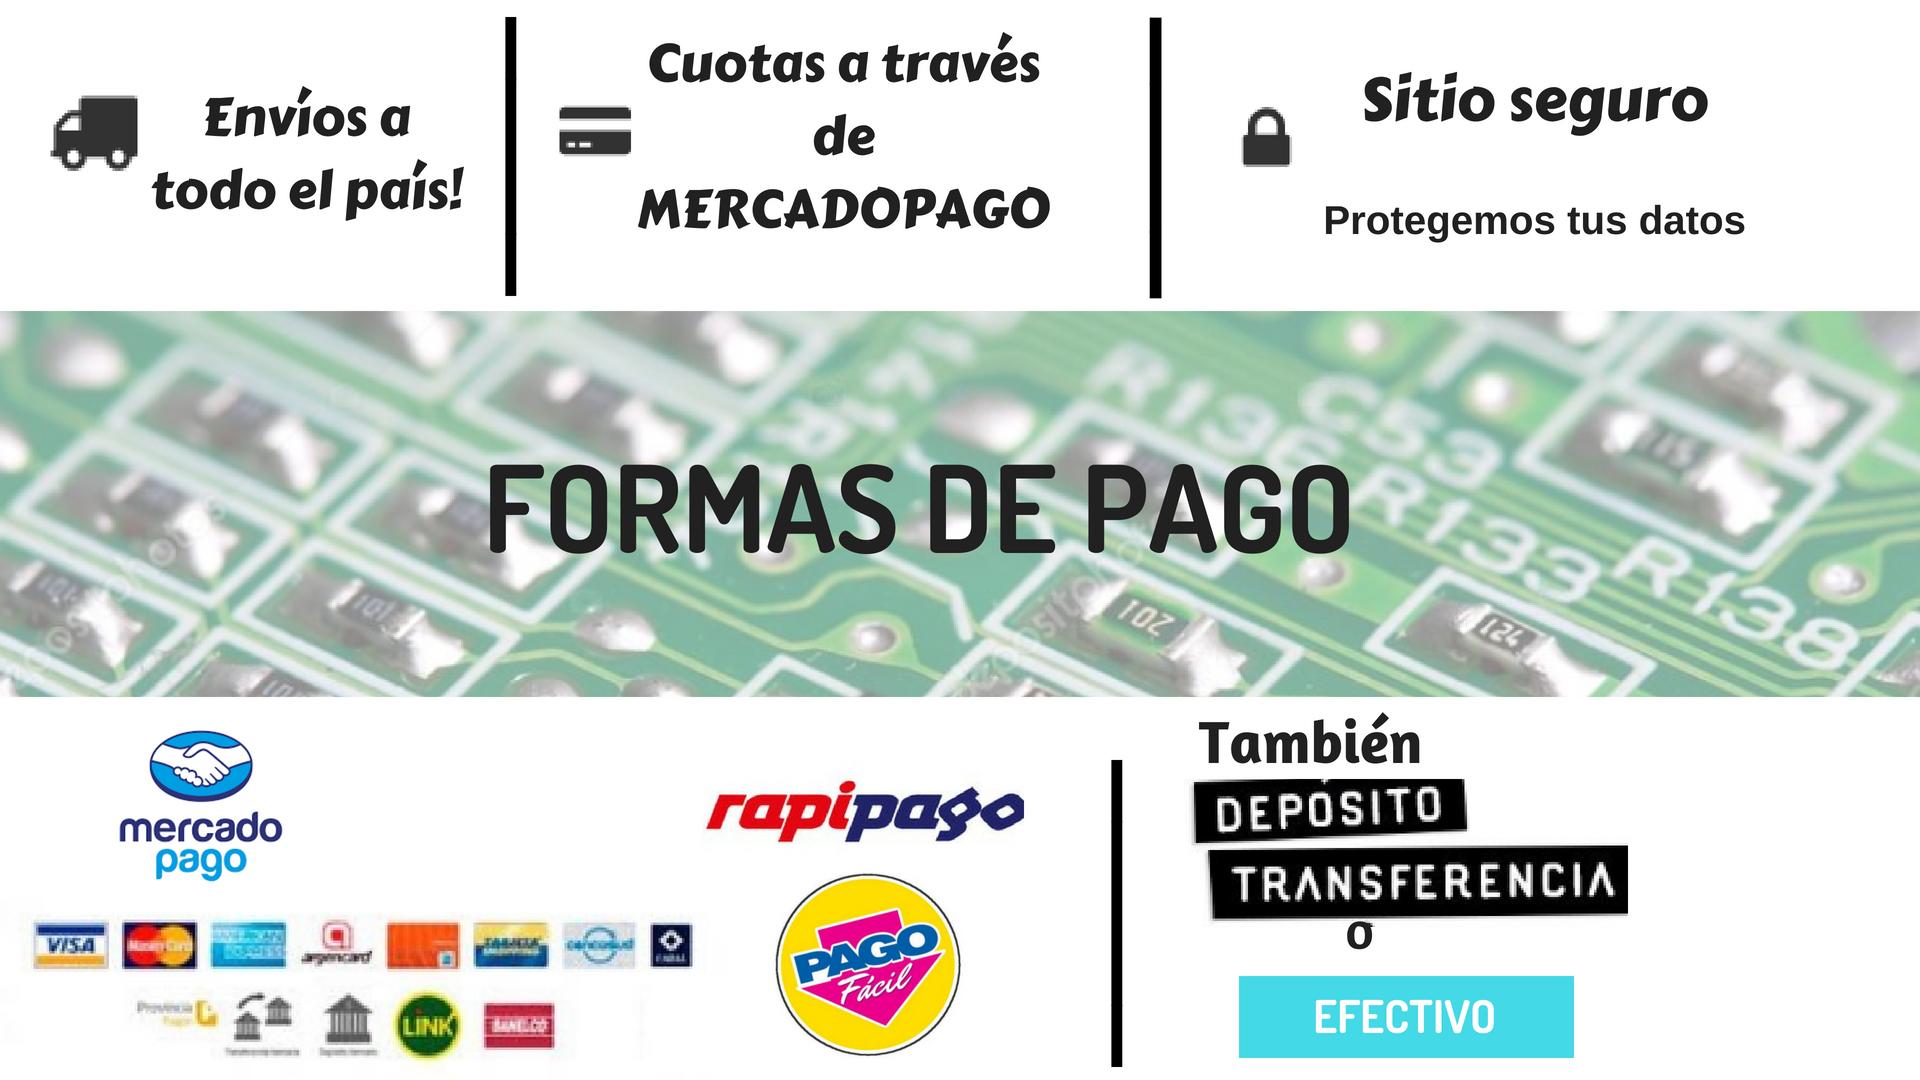 FORMAS DE PAGOO